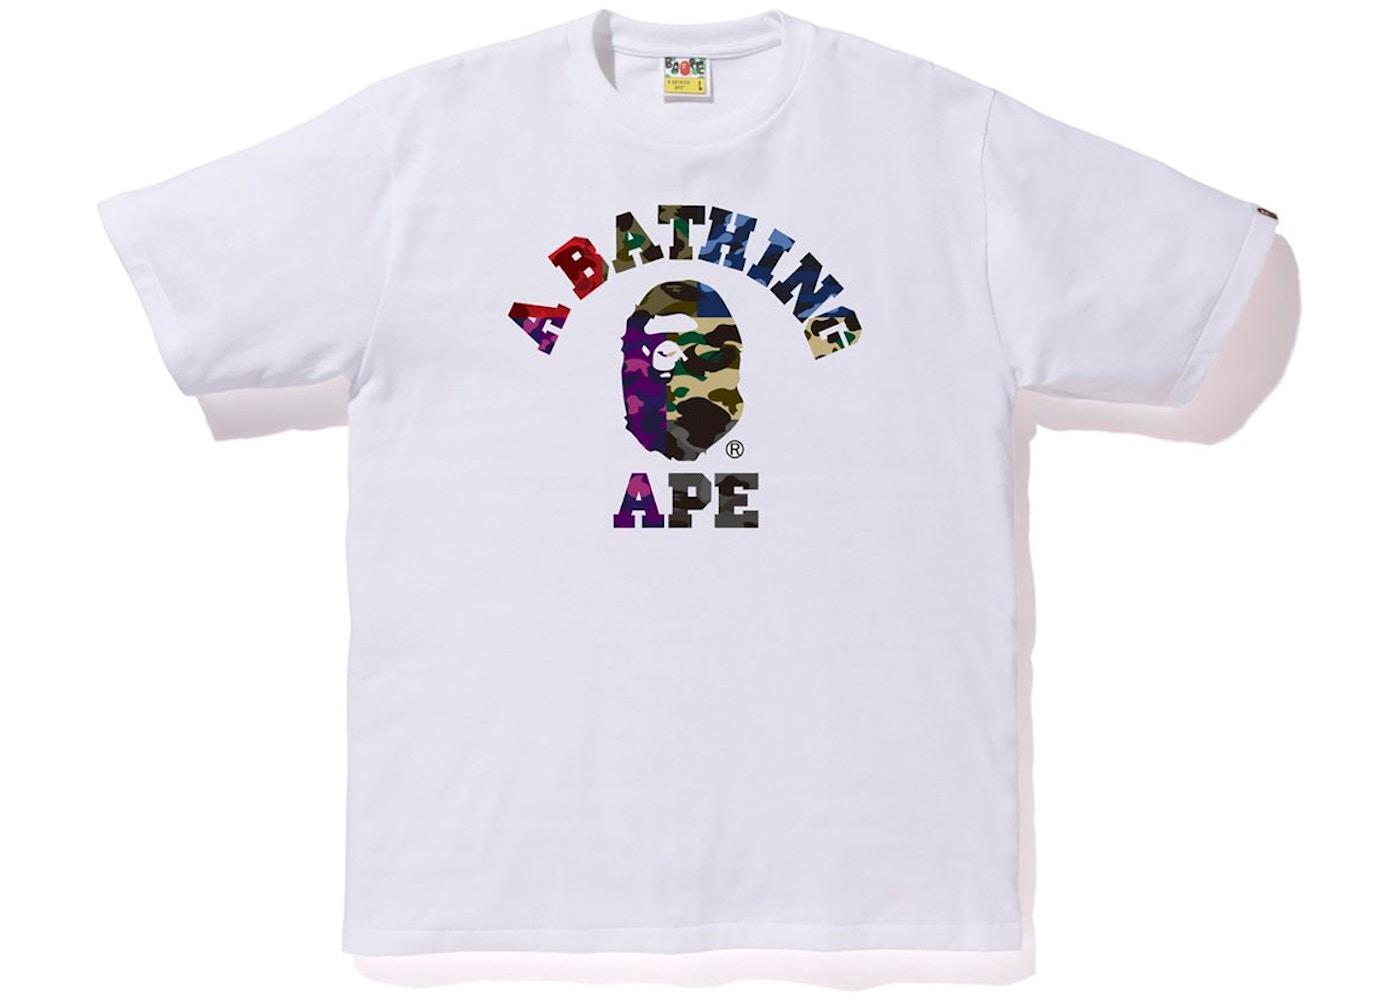 46fb2cc5 Buy & Sell Bape Streetwear